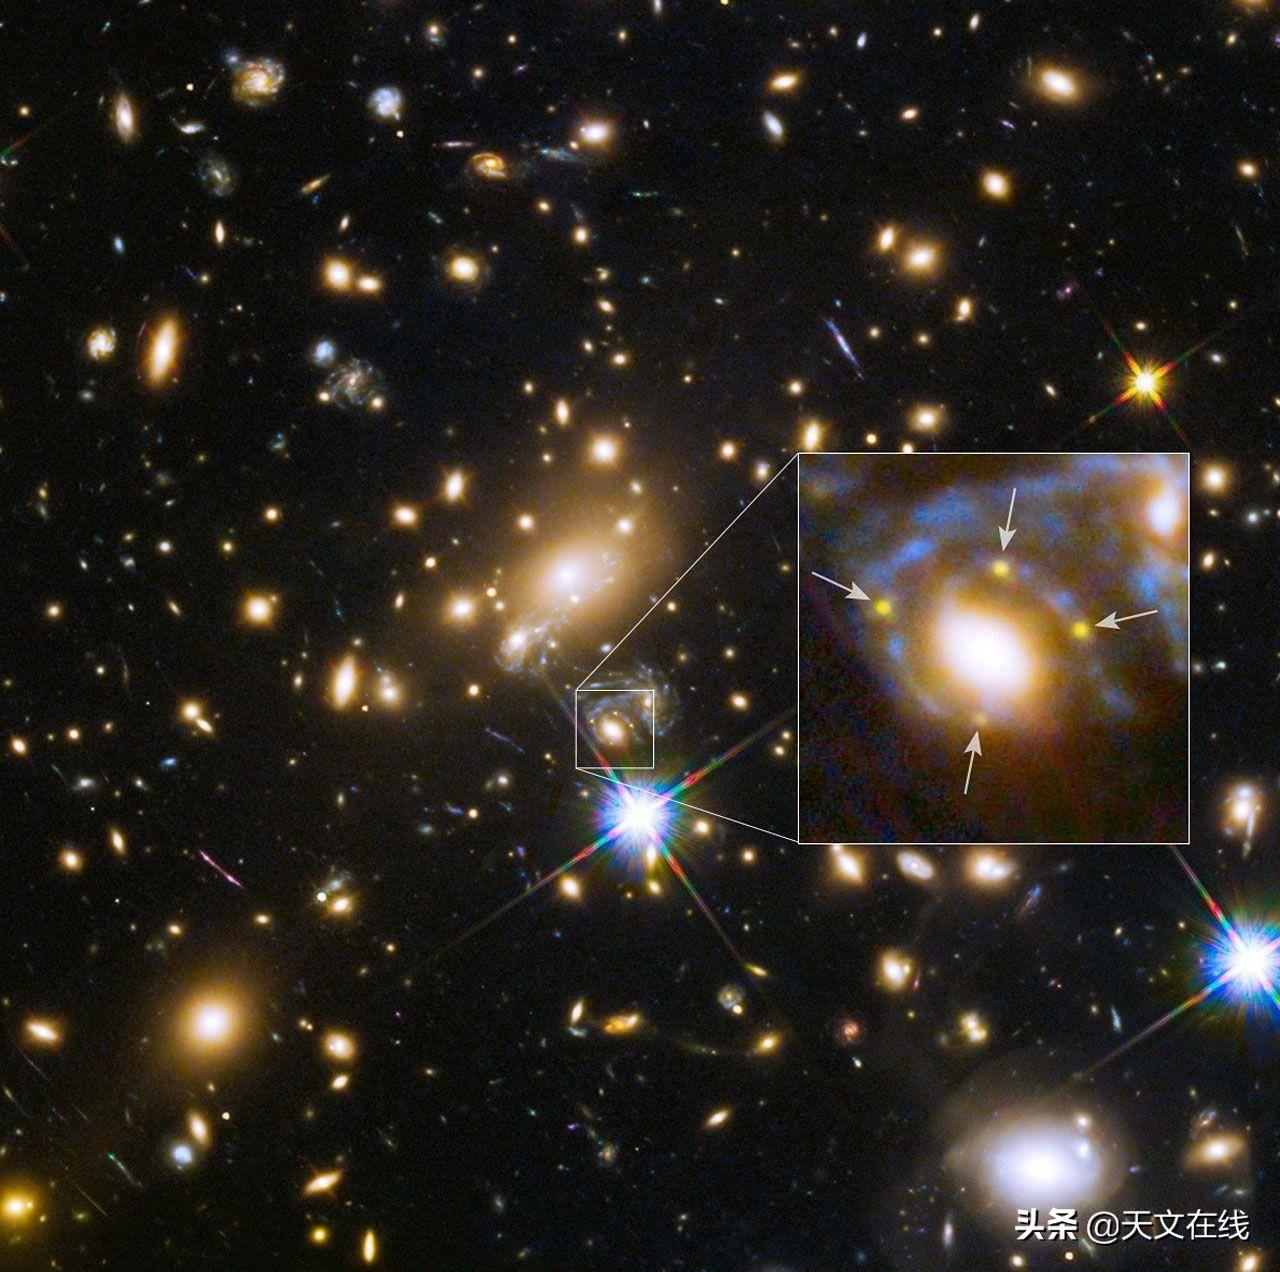 这颗巨大的超新星不同于以往所见的任何天文现象